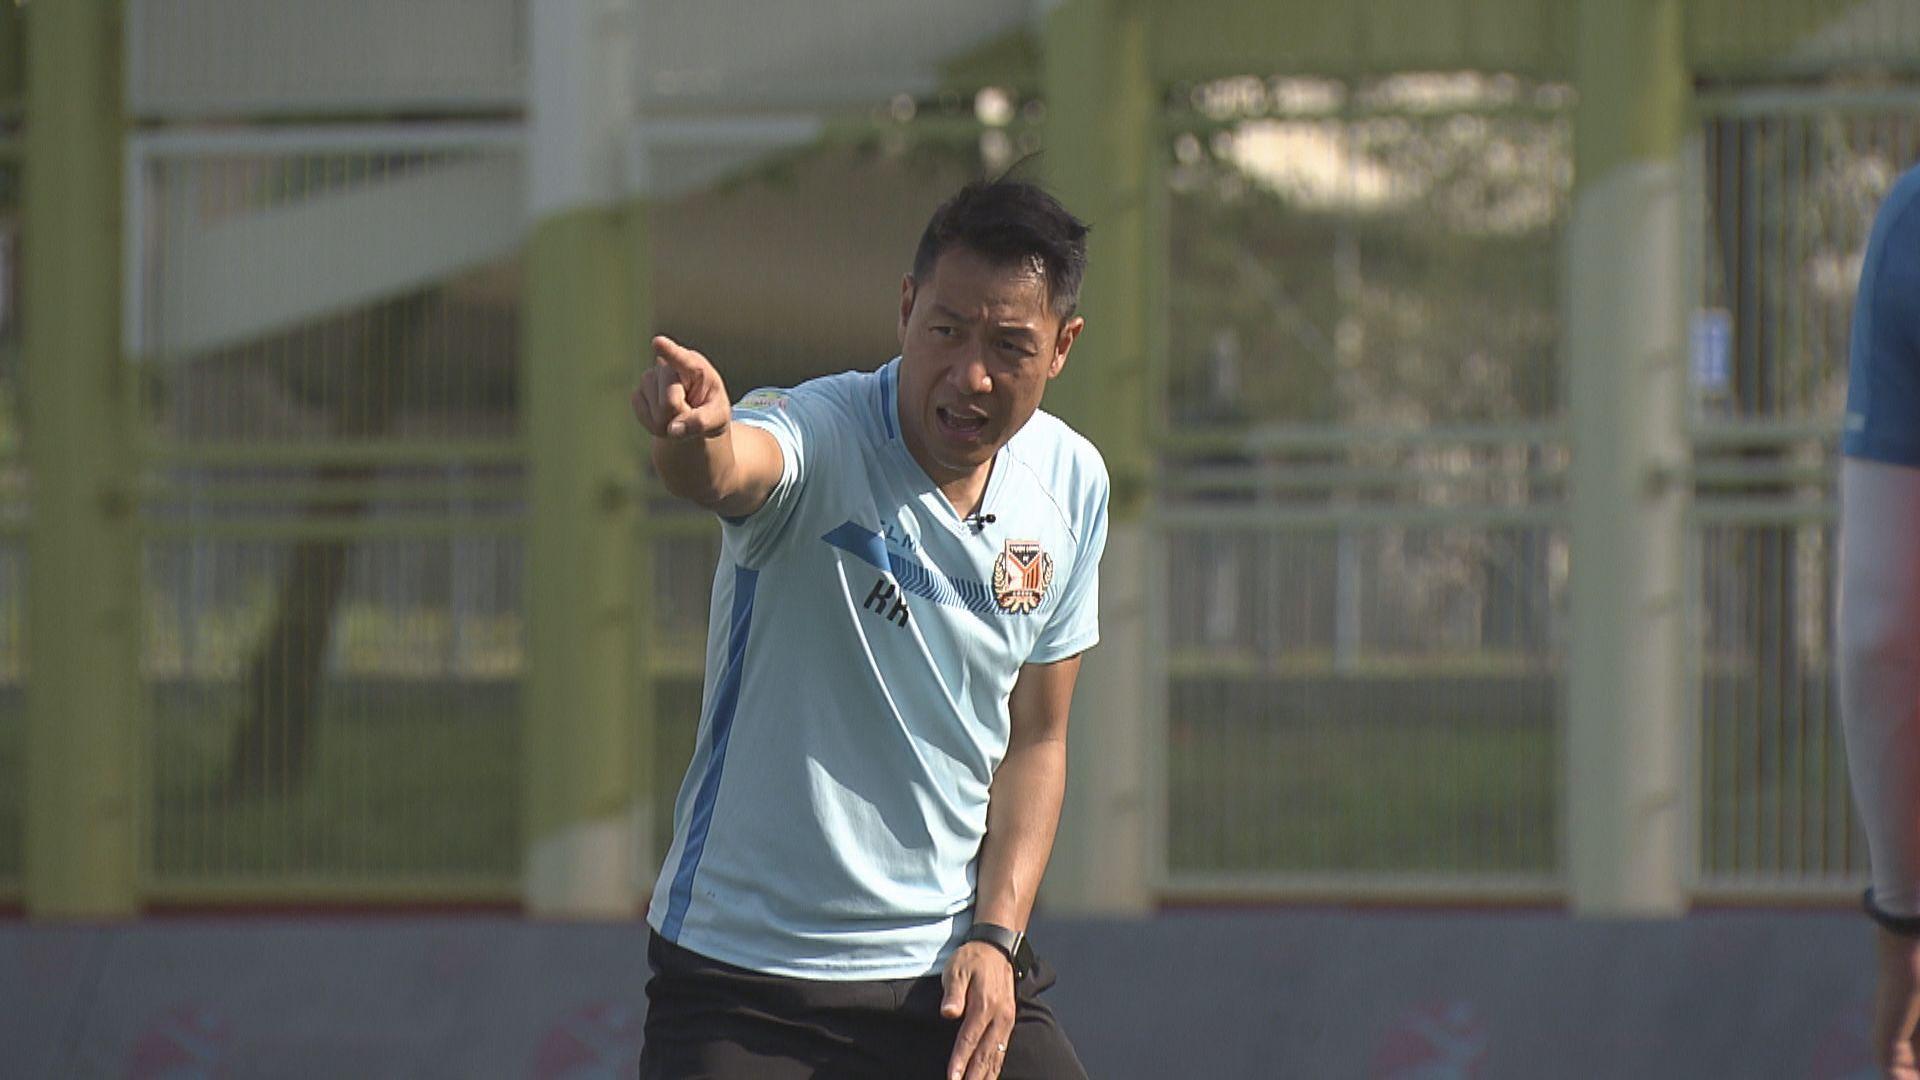 【經緯線】熱血教練郭嘉諾